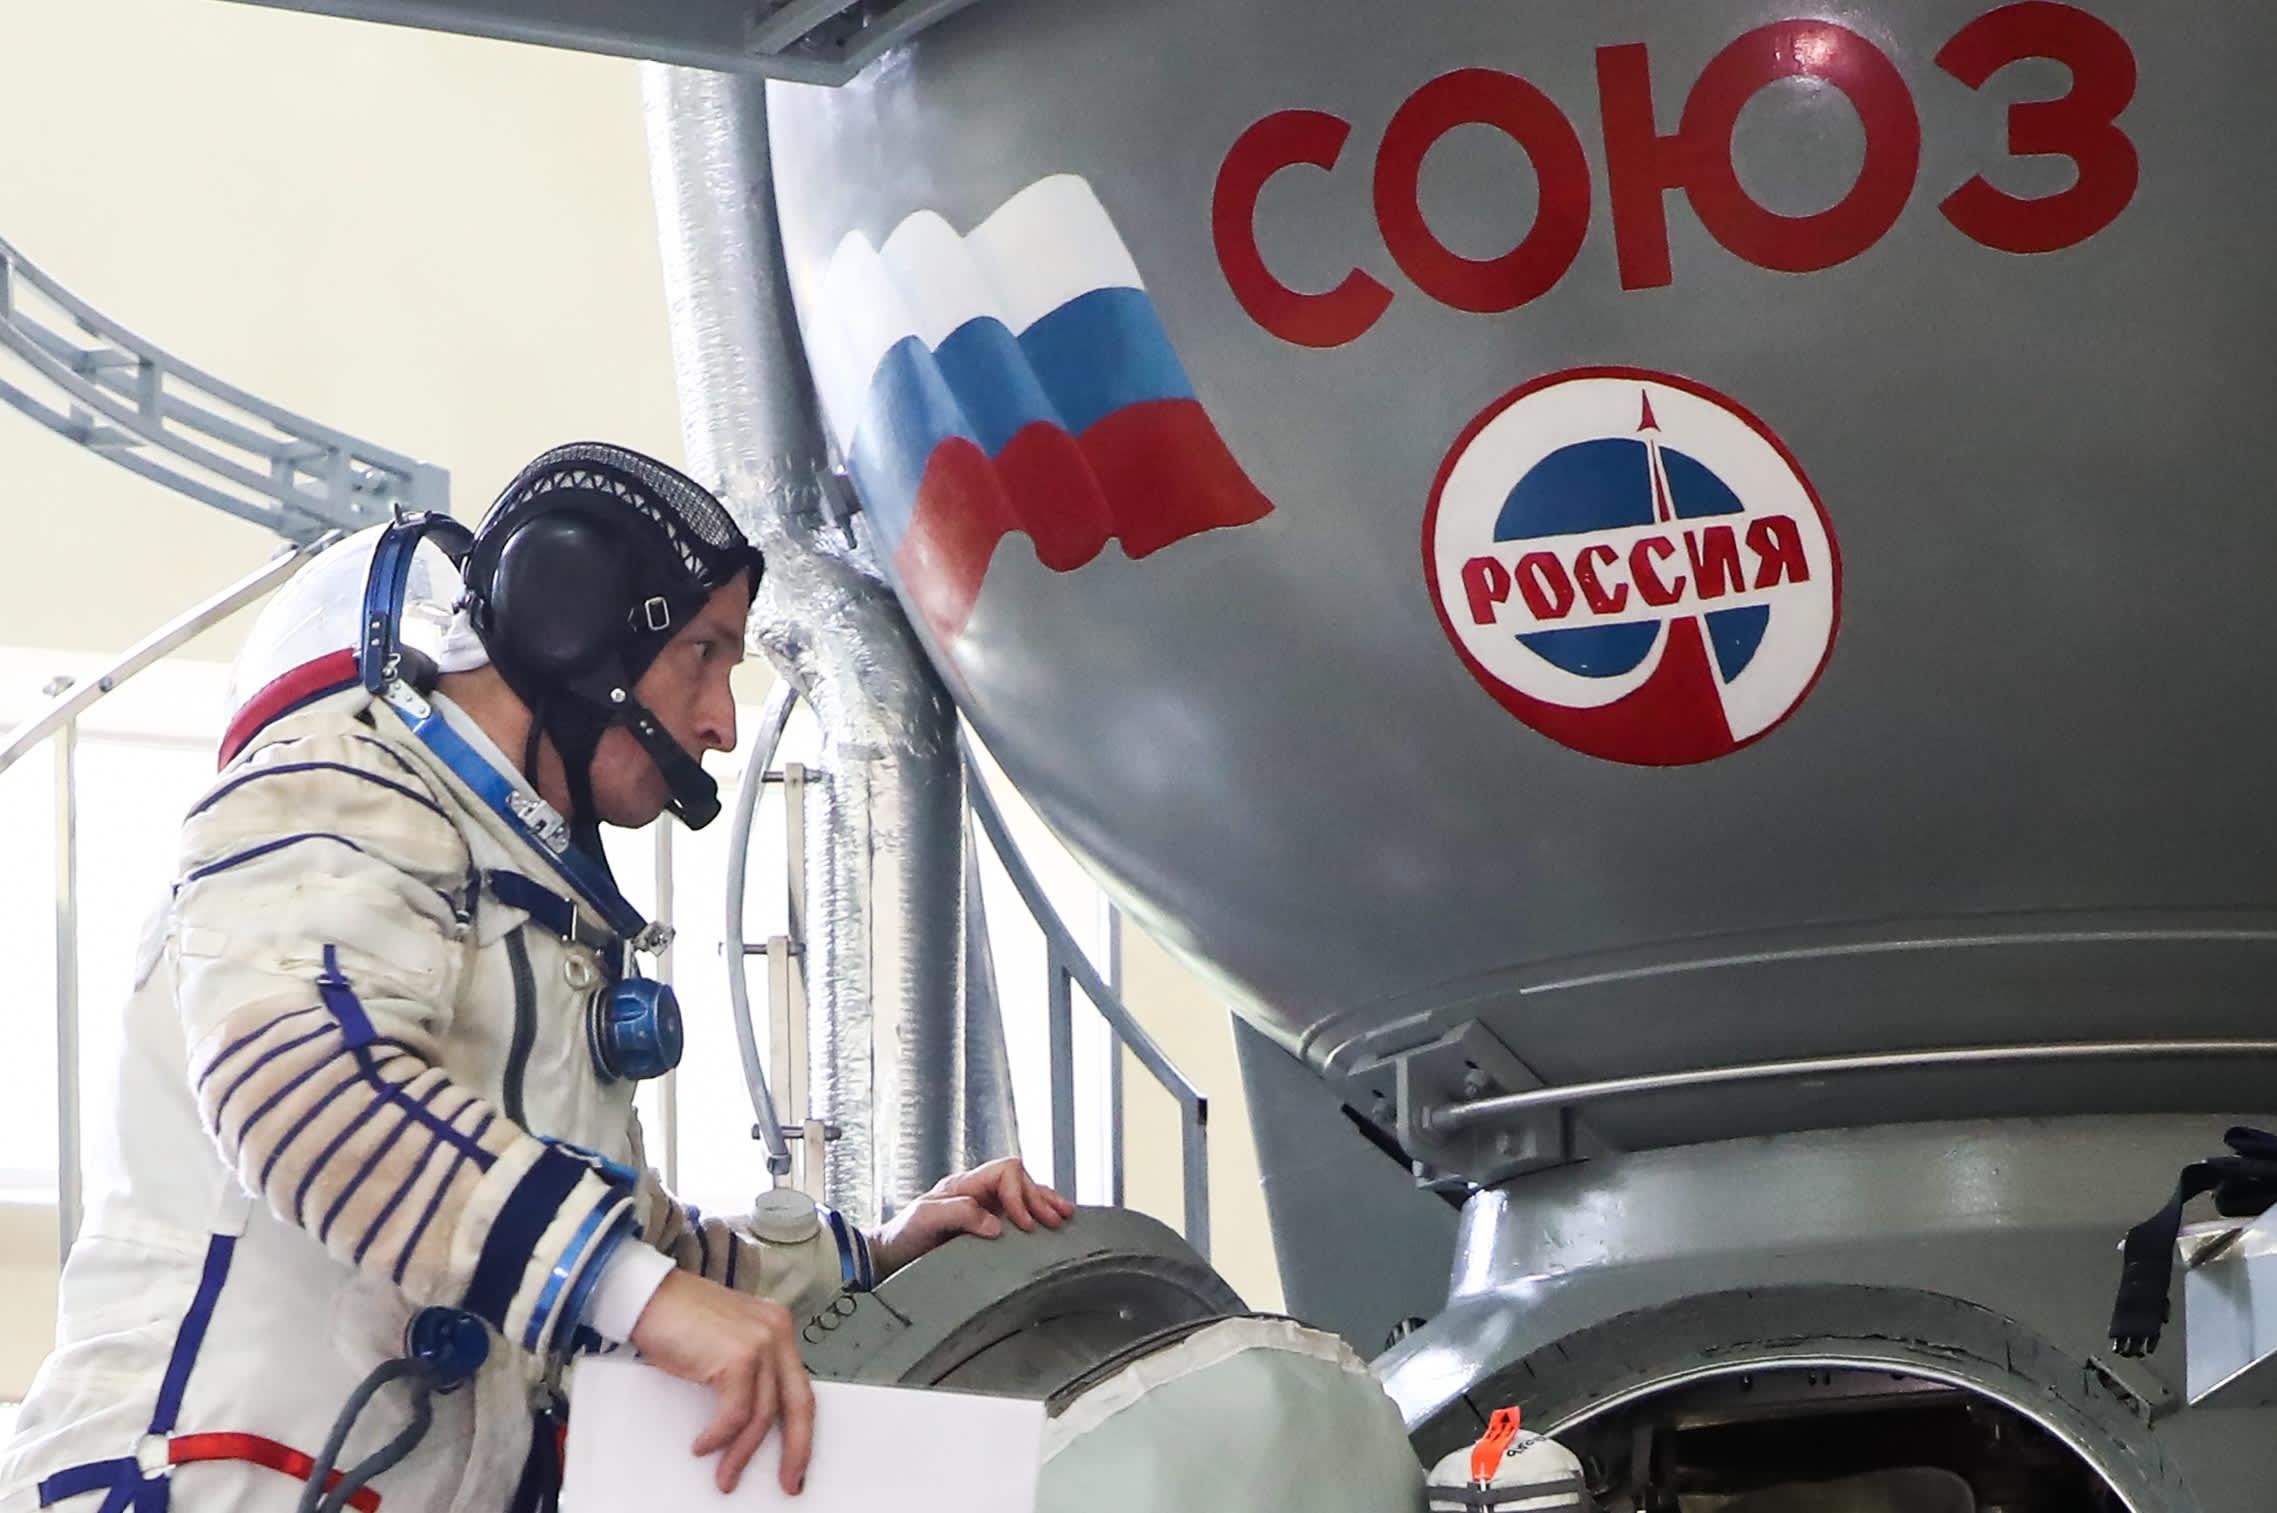 El jefe espacial de Rusia amenaza con abandonar el programa de la Estación Espacial Internacional a menos que Estados Unidos levante las sanciones